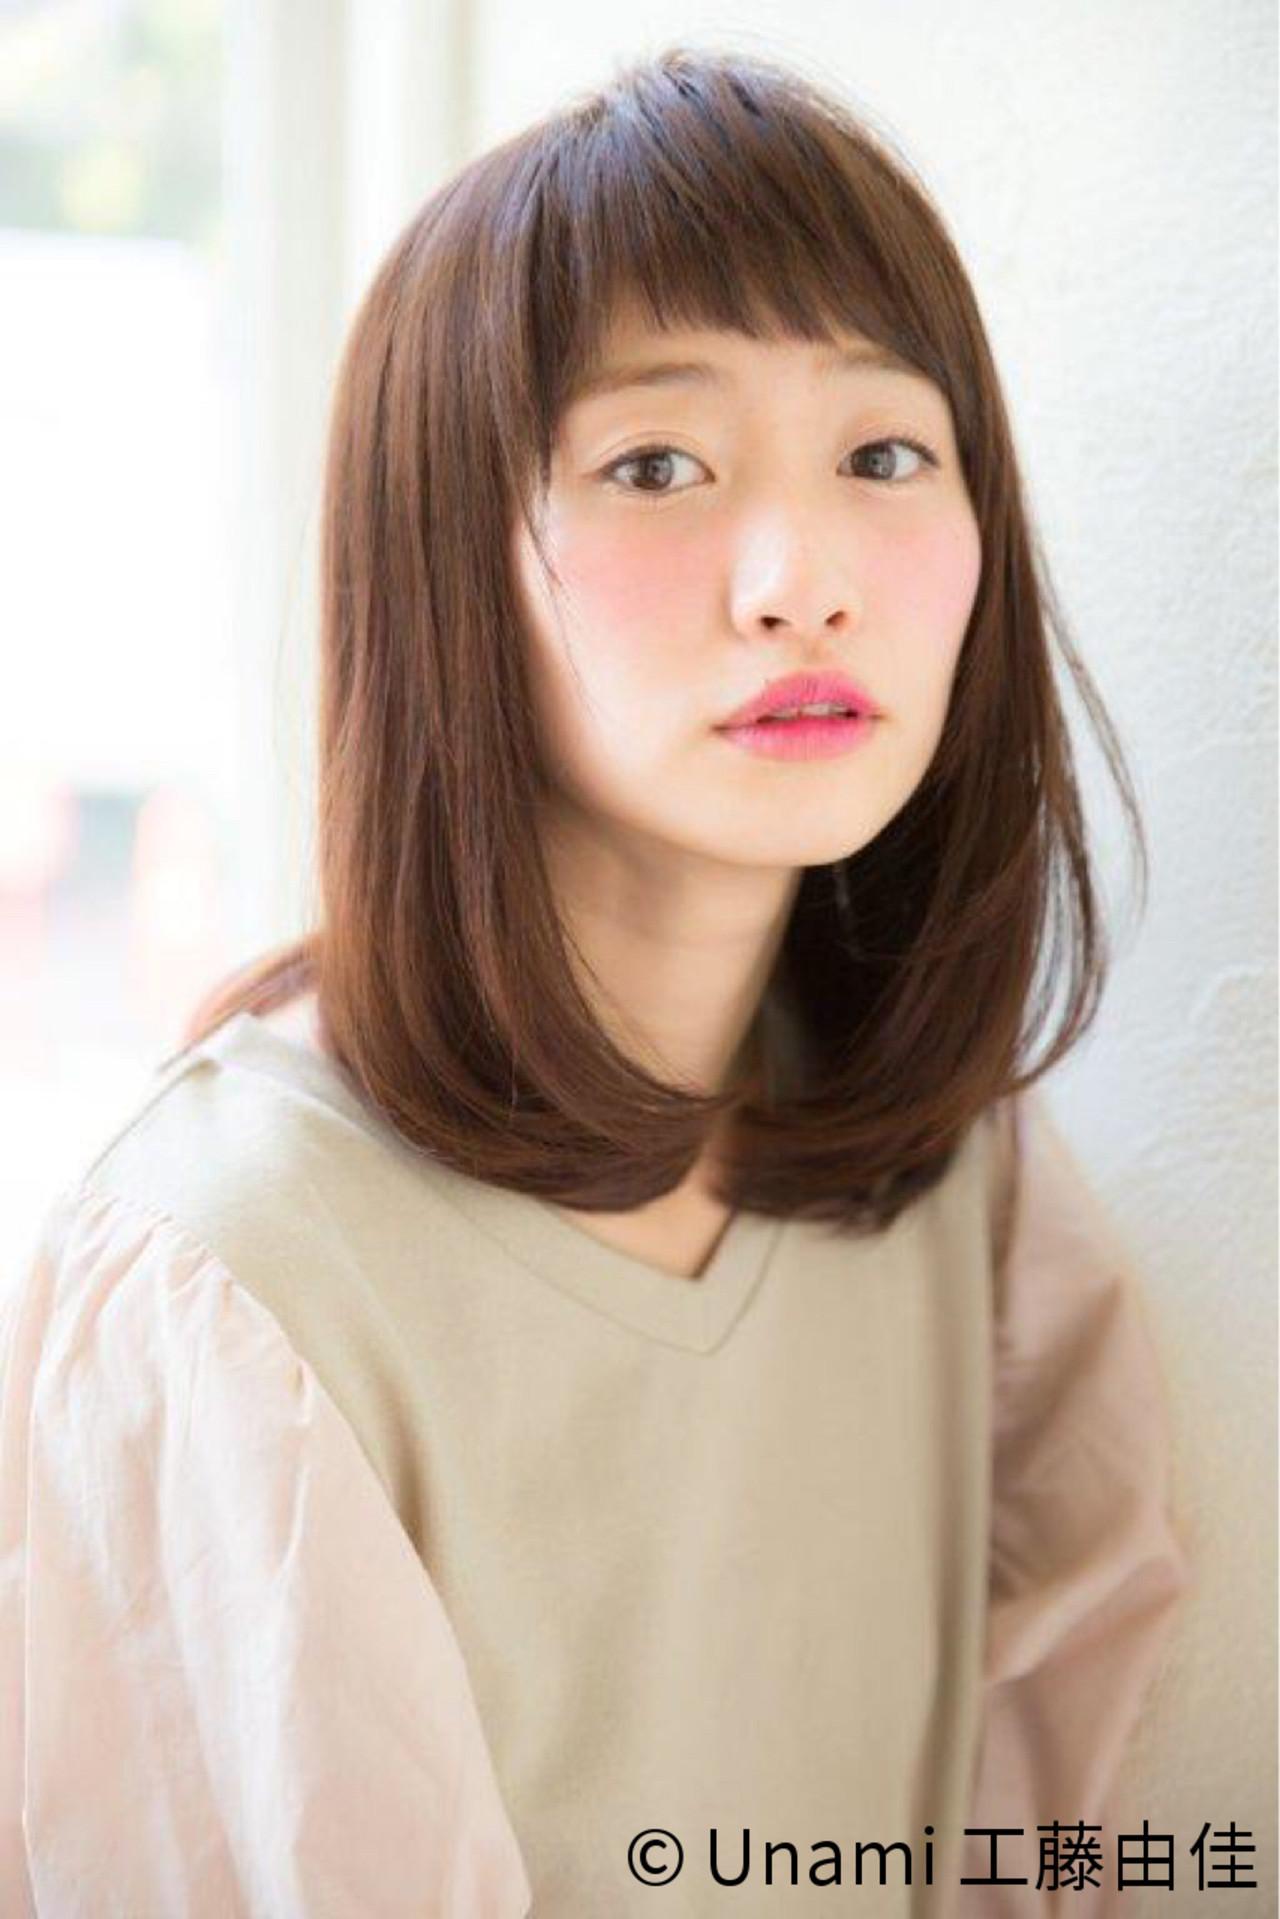 パーマ モテ髪 レイヤーカット ナチュラル ヘアスタイルや髪型の写真・画像